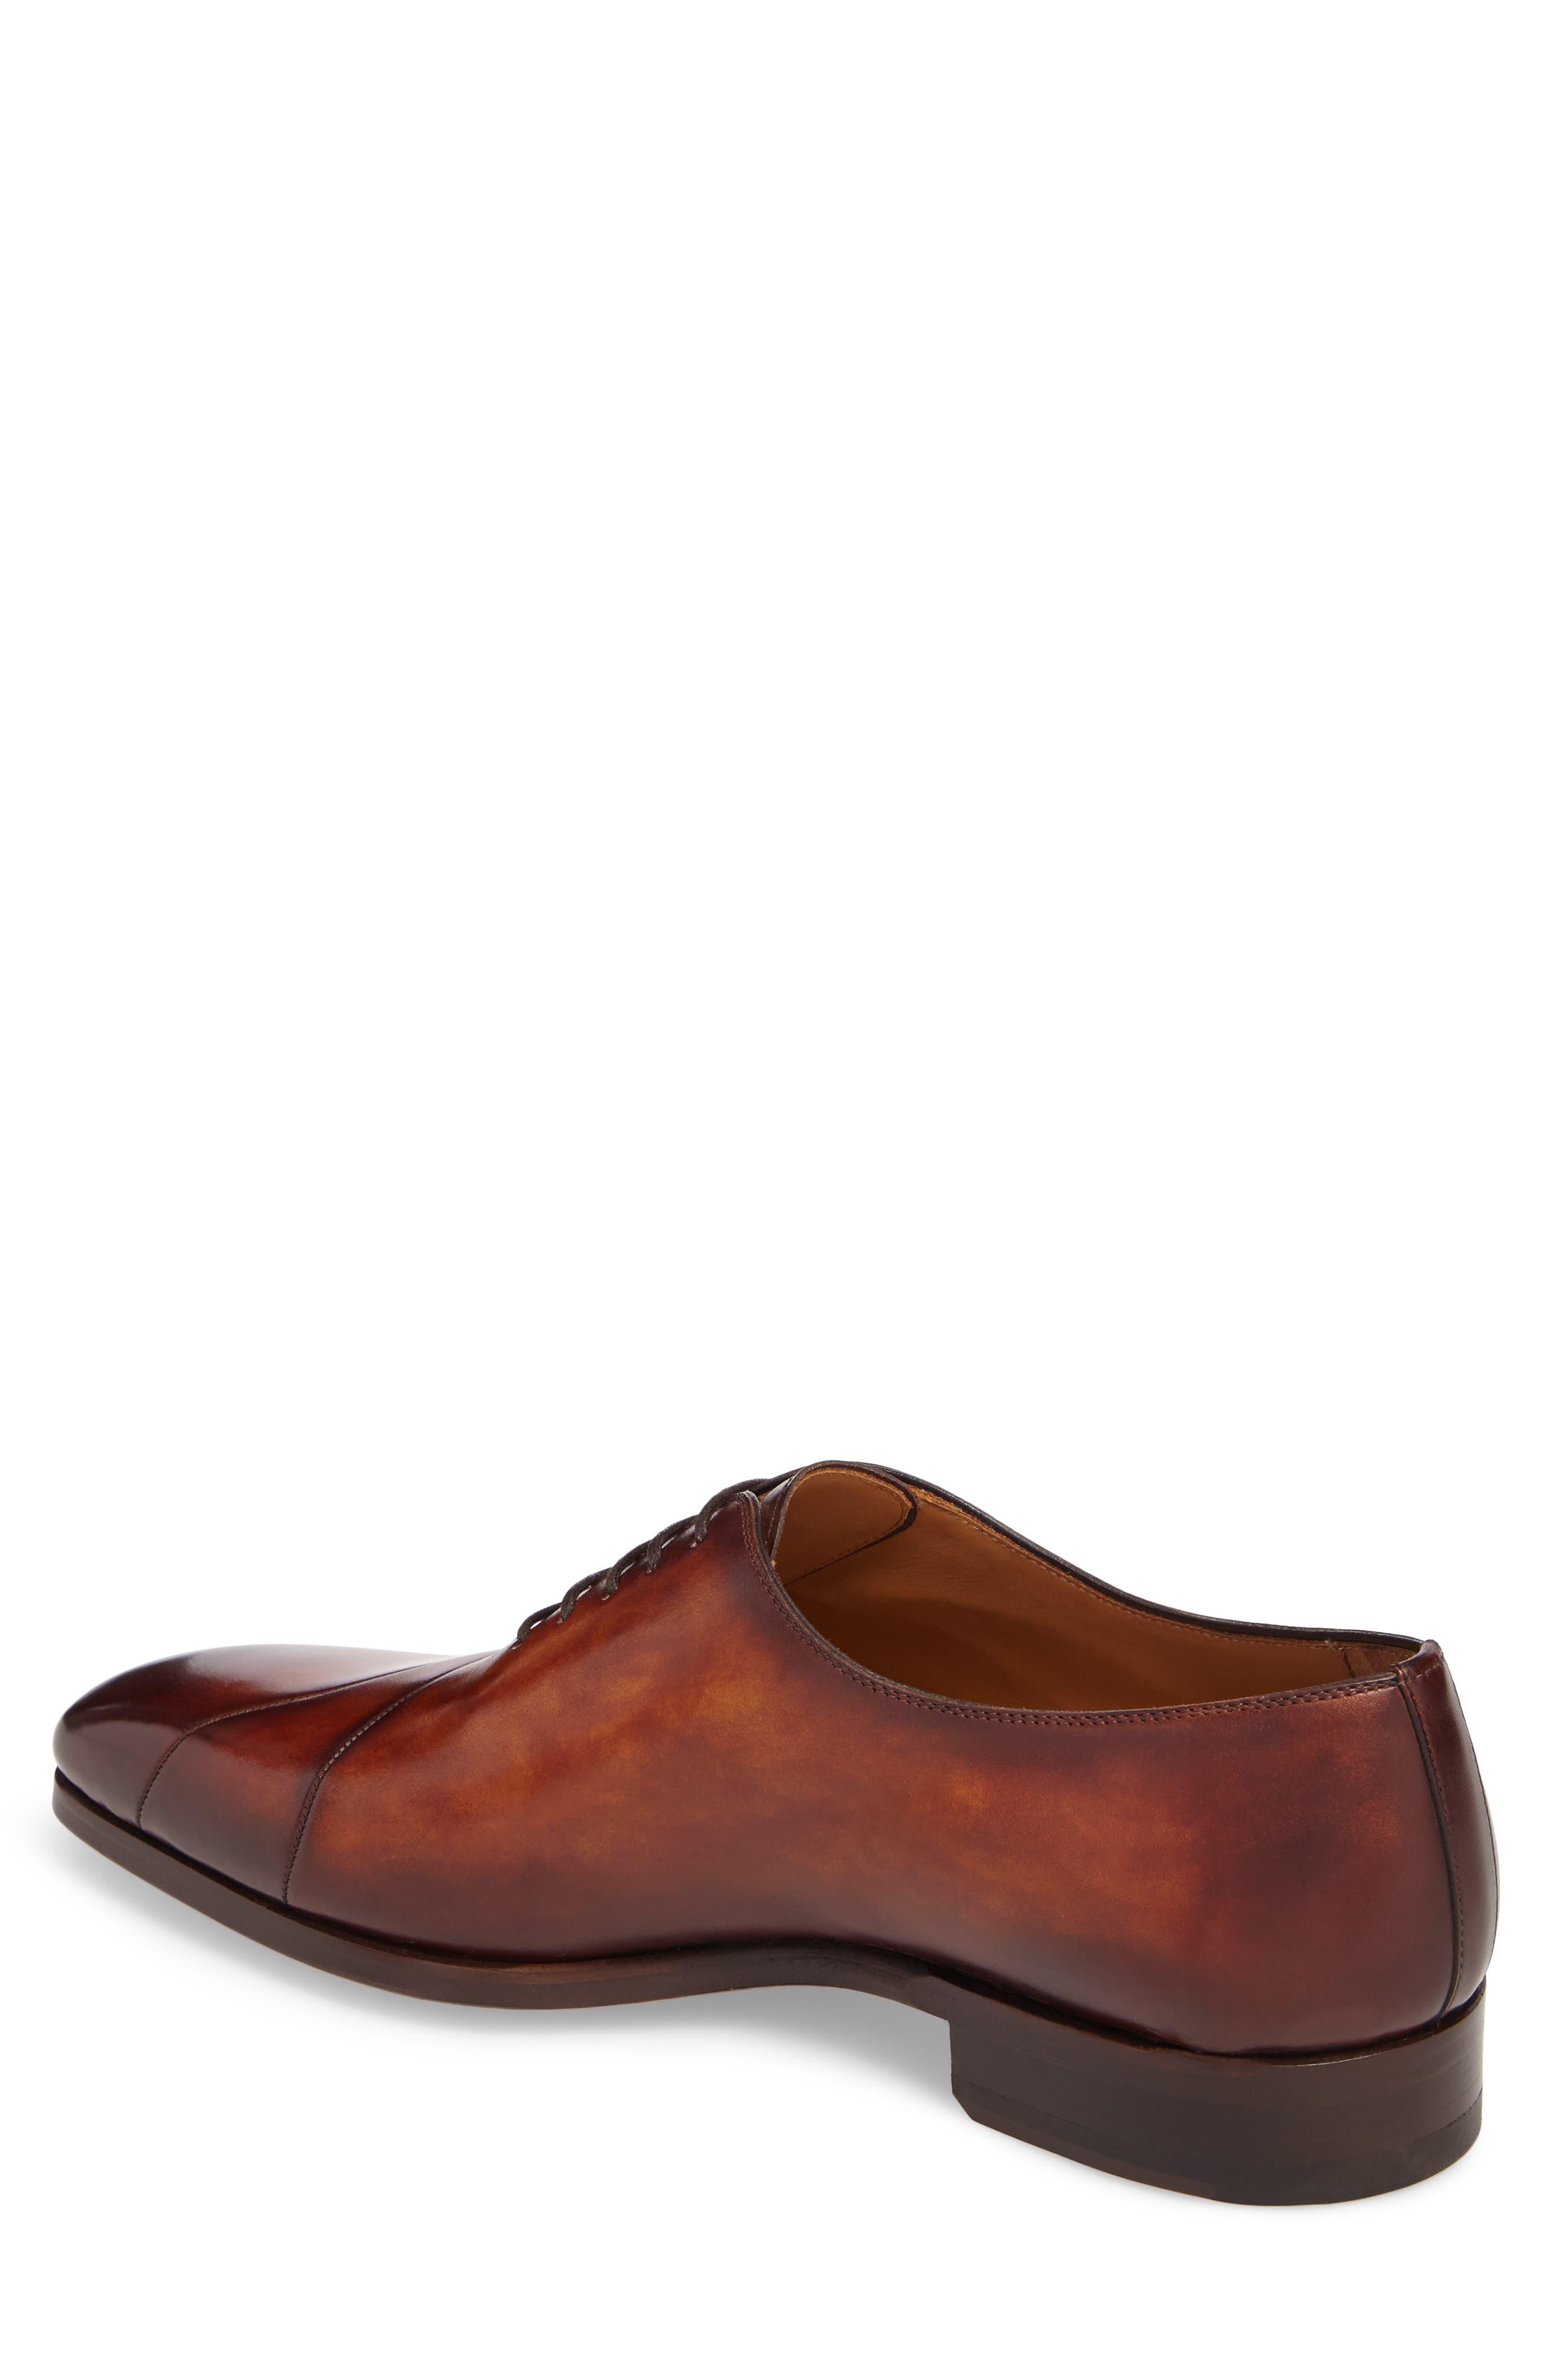 Marquez Stitched Oxford,                             Alternate thumbnail 2, color,                             Cognac Leather